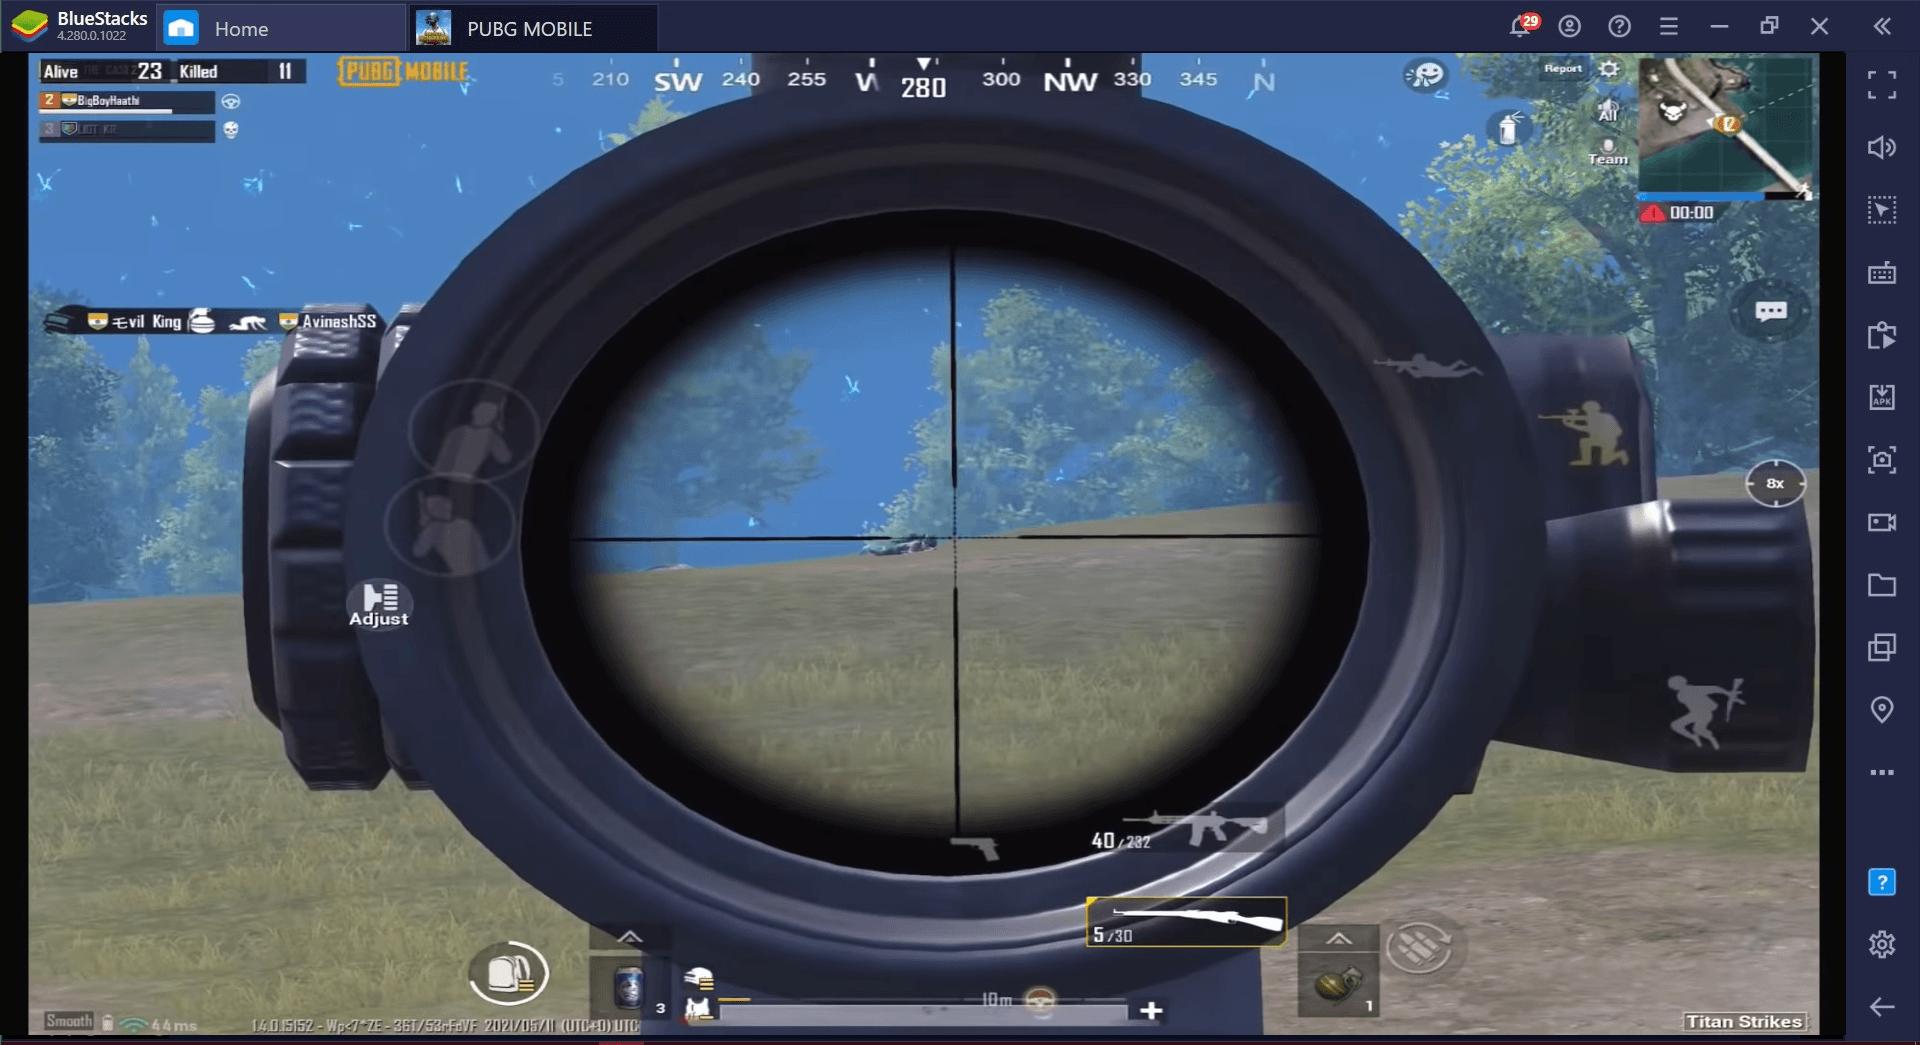 PUBG Mobile: Hướng dẫn sử dụng lựu đạn hiệu quả nhất